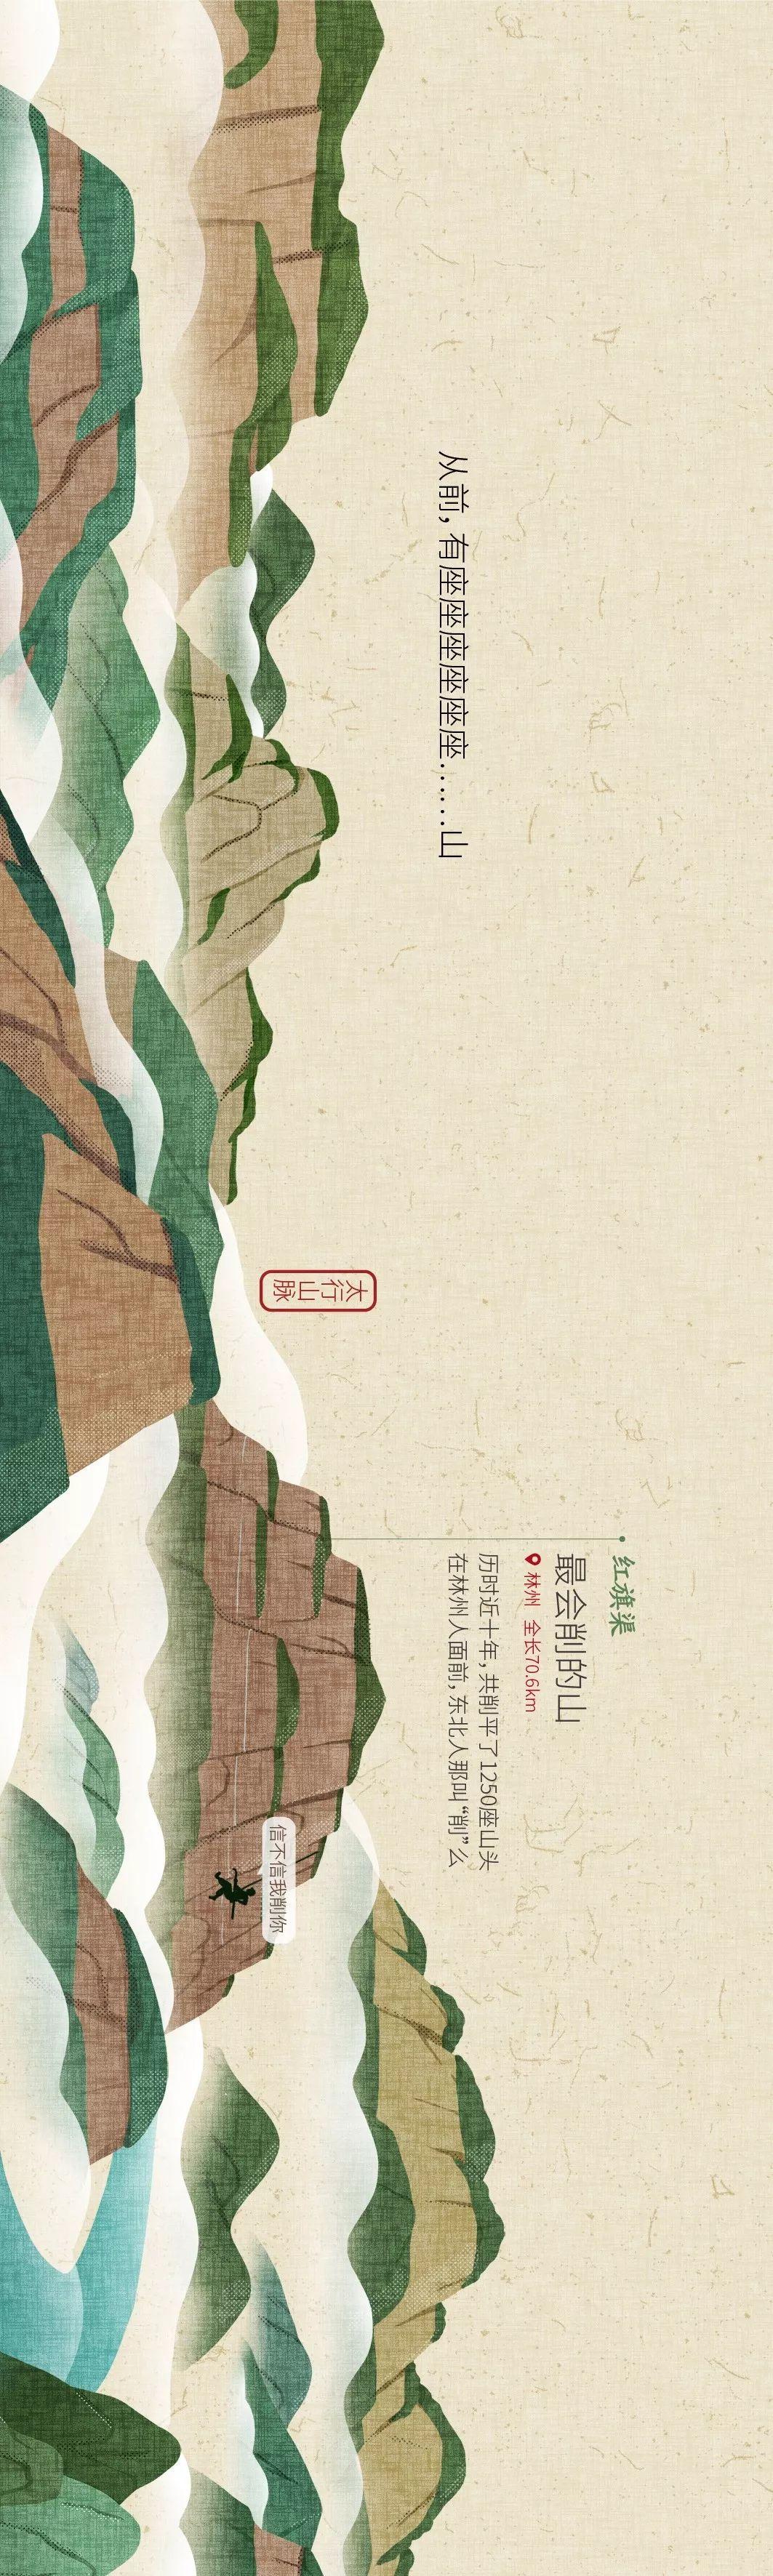 手绘的河南江山图 全河南最牛的山都在这张图了 这就上山吧